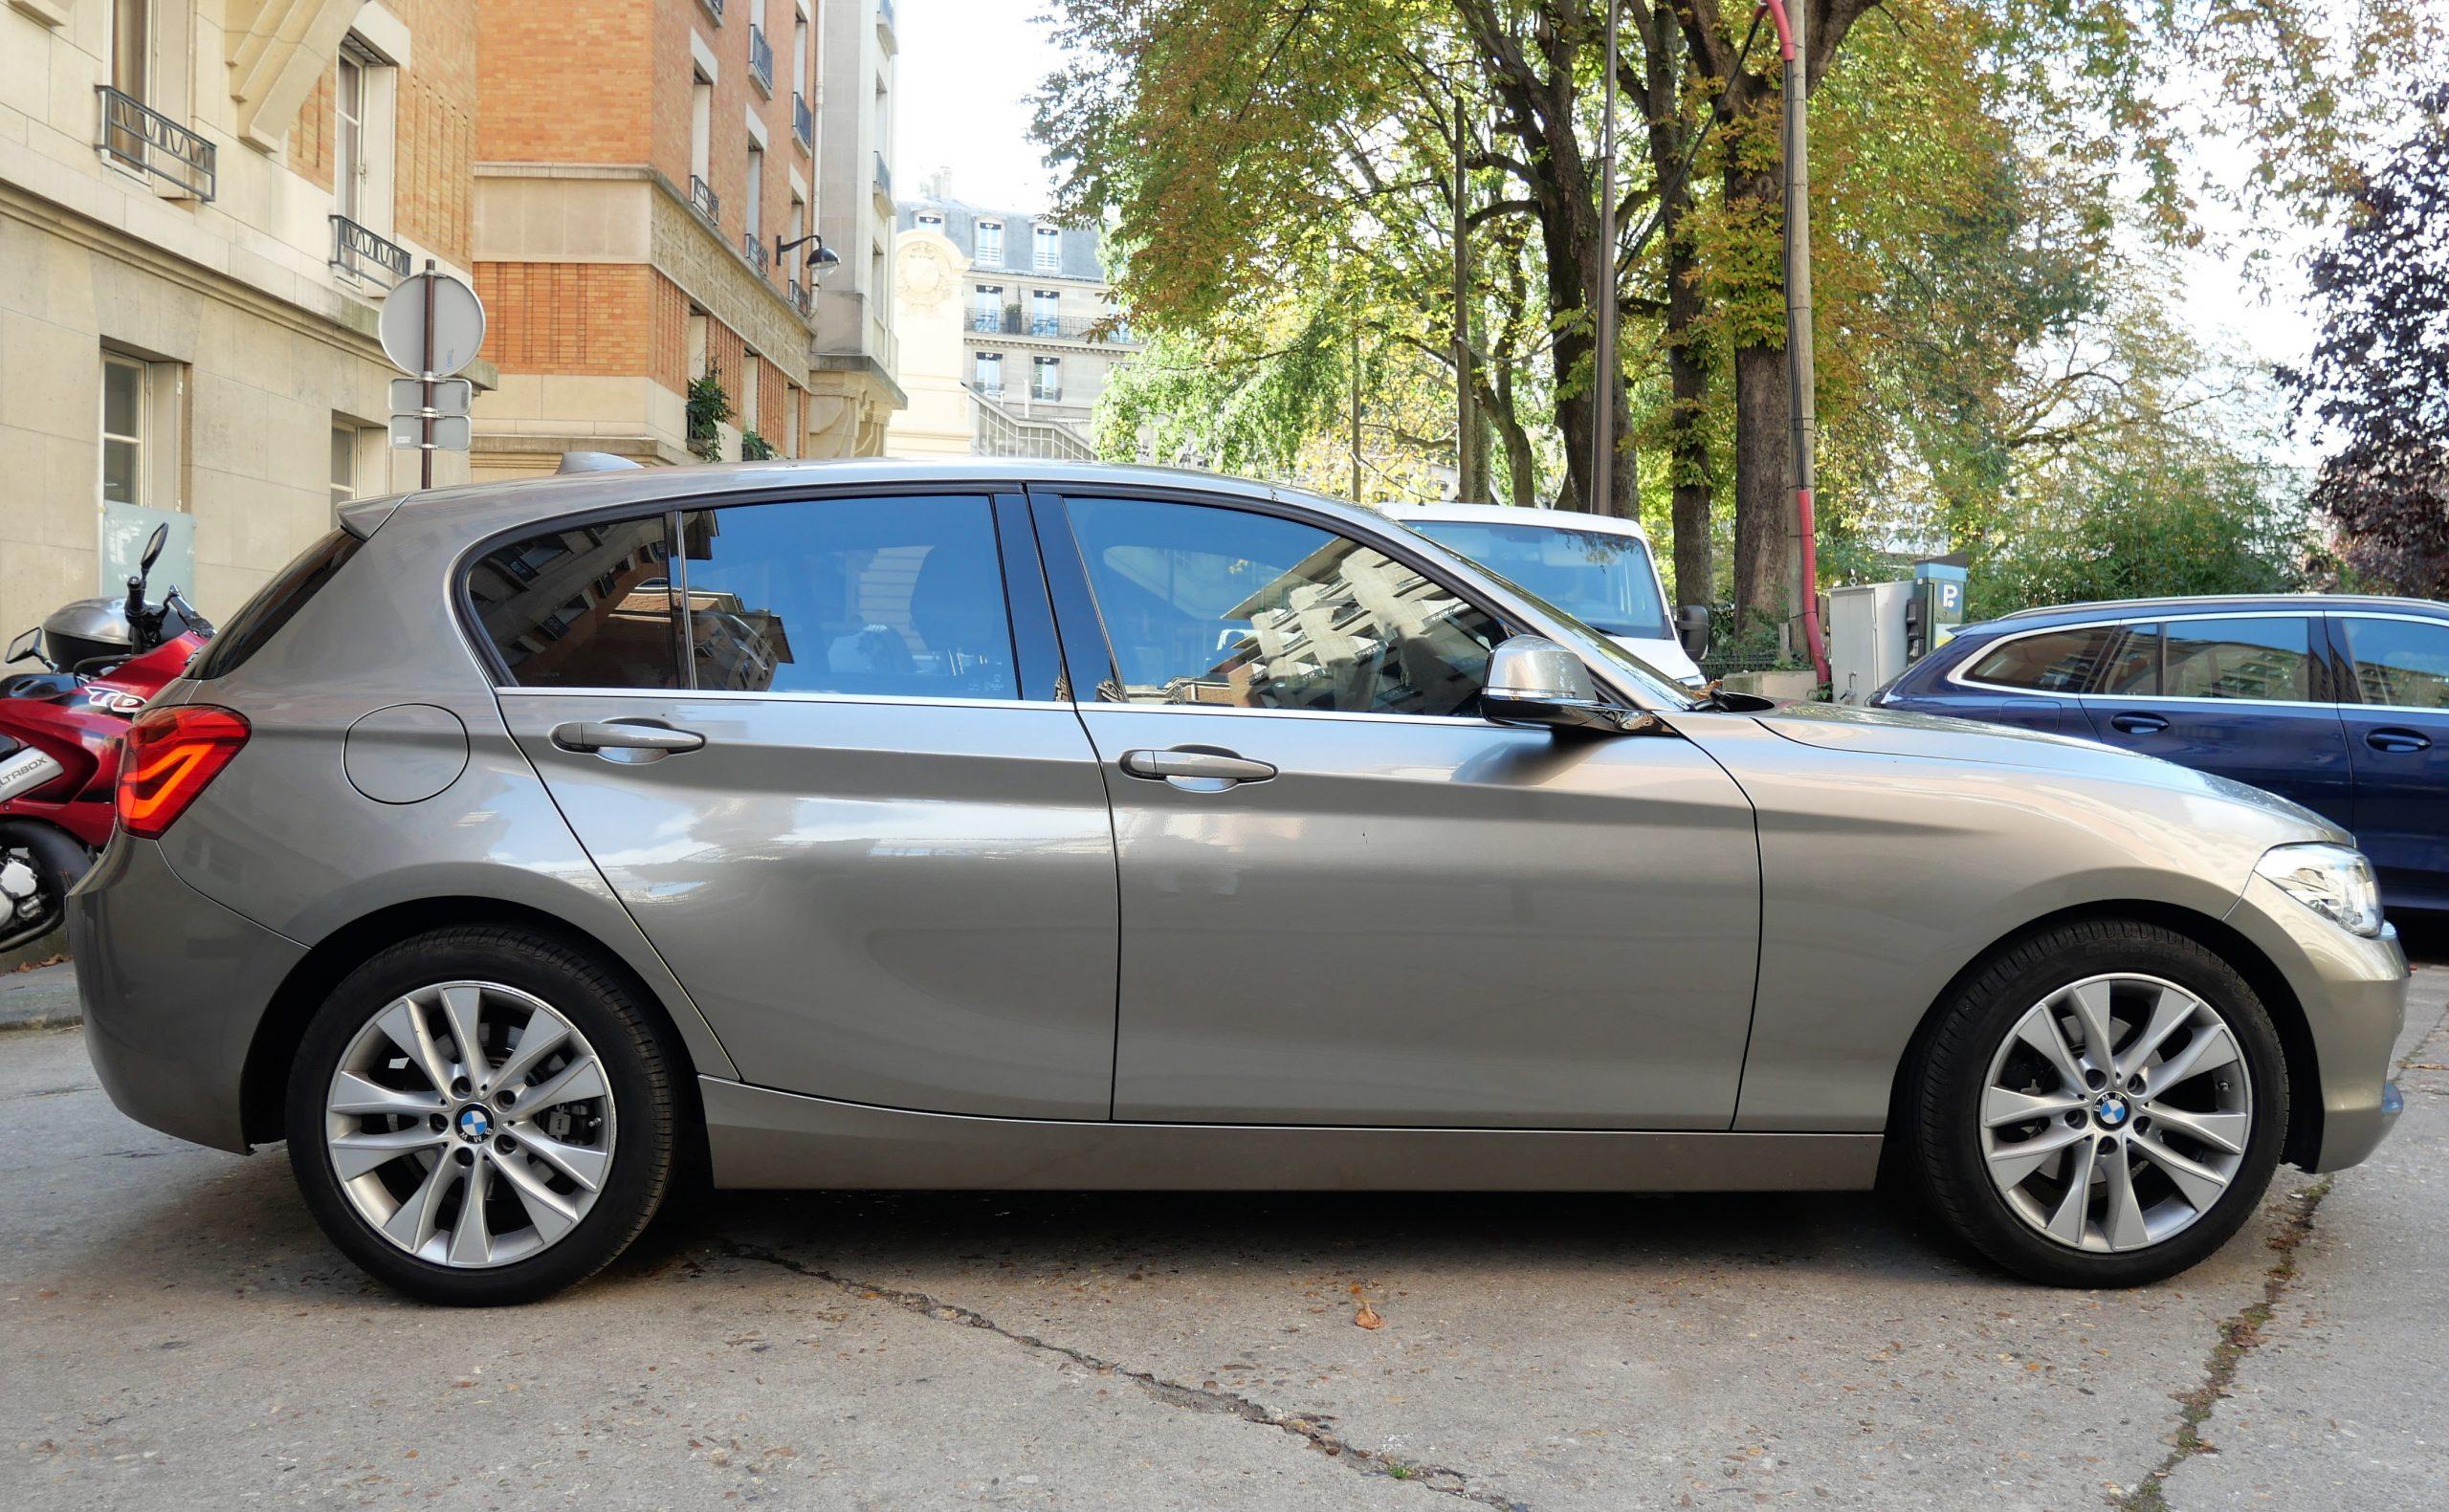 BMW Série 1 (F20) XDrive LCI 120d 2.0 d 190ch 5